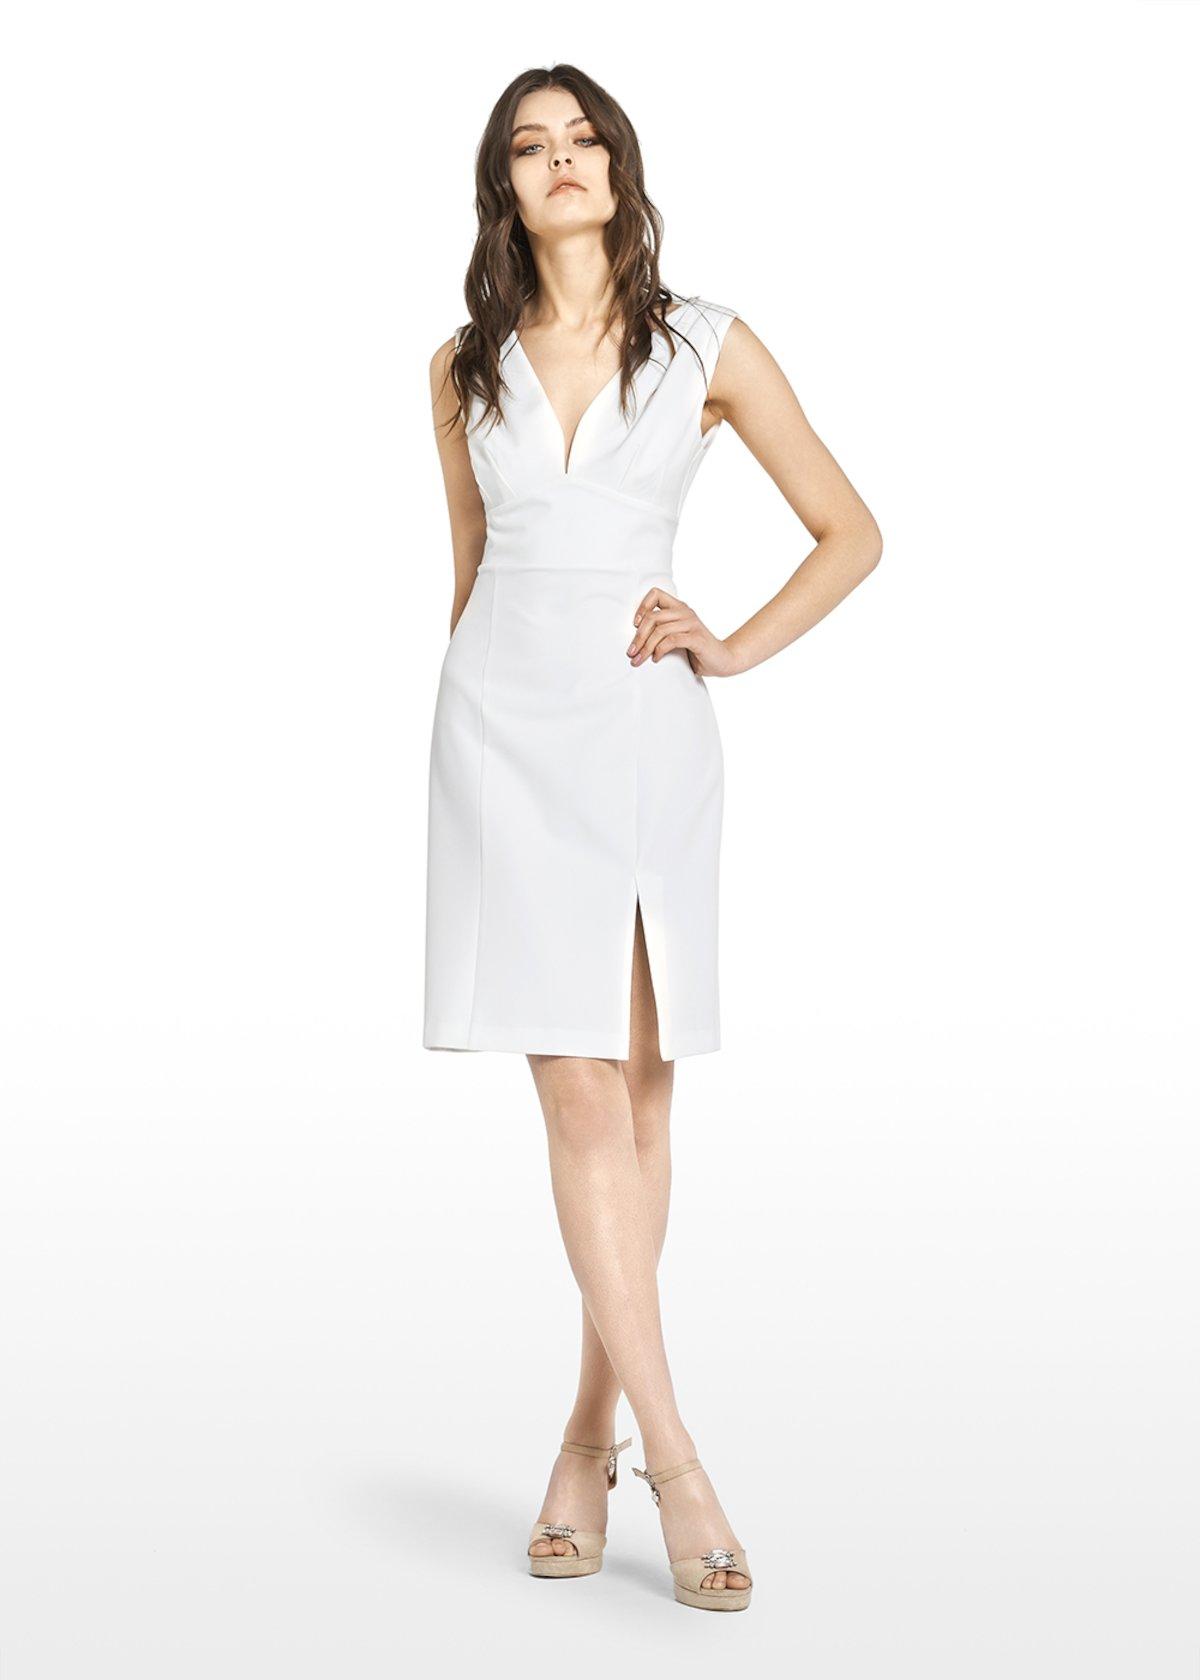 Athos sleeveless dress with V-neck - White - Woman